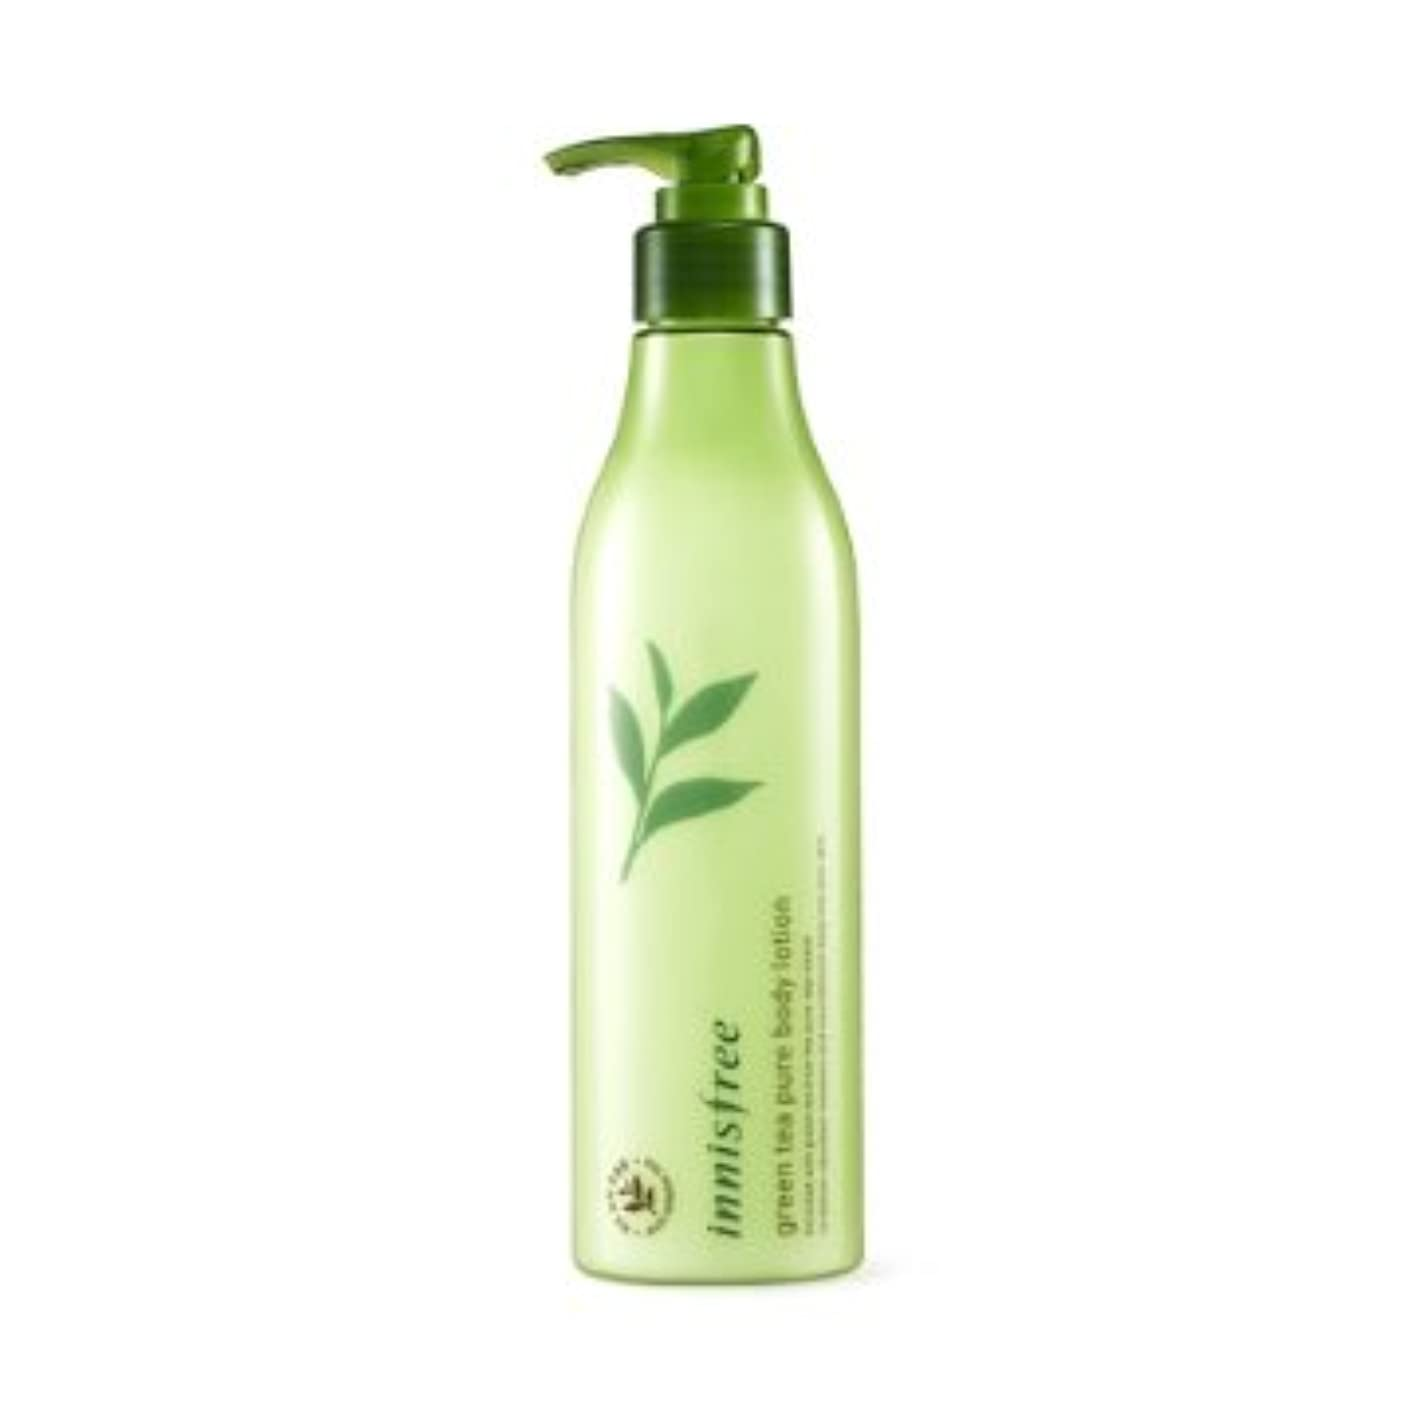 踏みつけ証拠角度【イニスフリー】Innisfree green tea pure body lotion - 300ml (韓国直送品) (SHOPPINGINSTAGRAM)